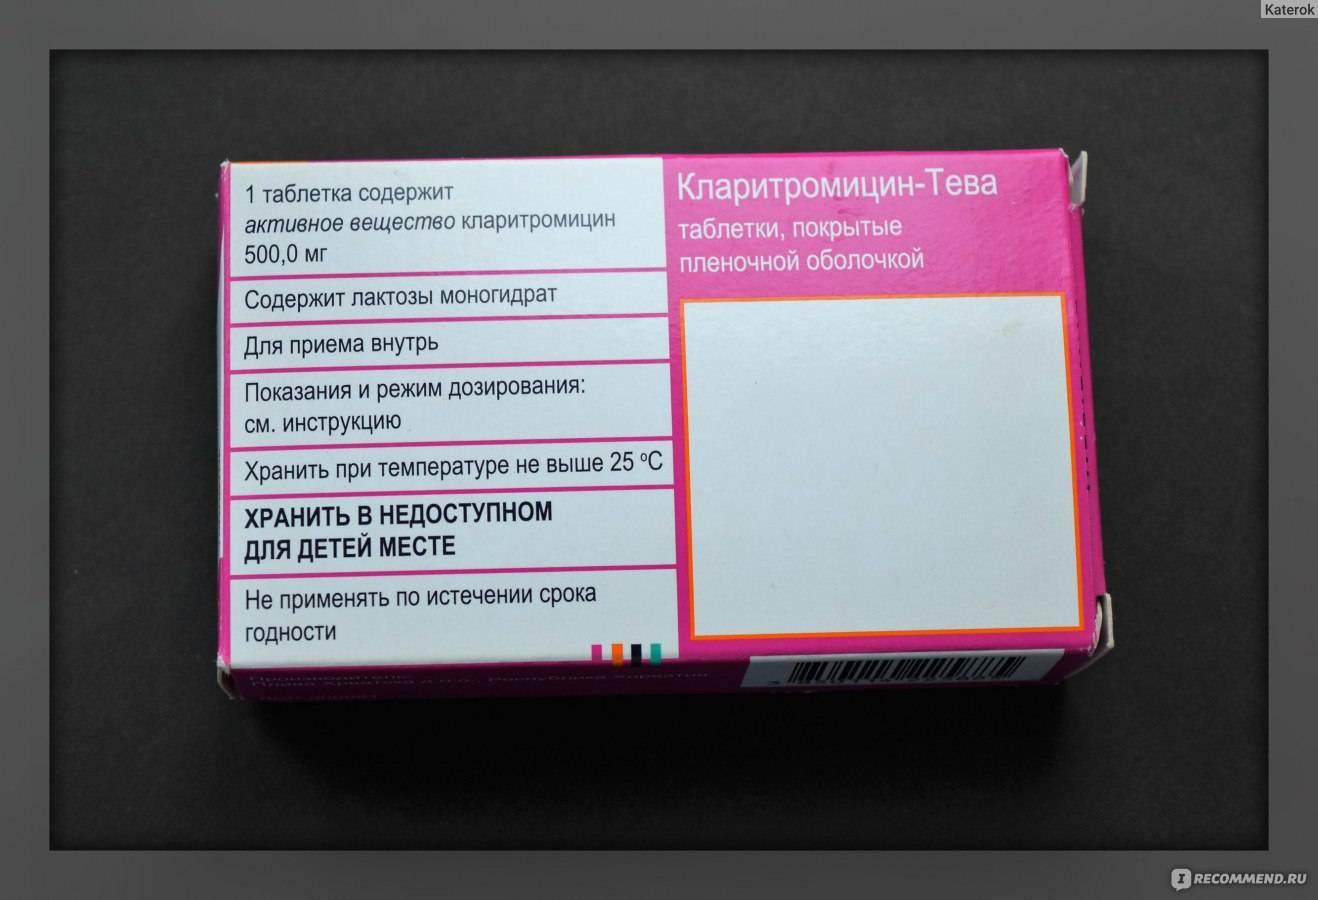 Галлюциноз – симптомы, лечение, формы, стадии, диагностика